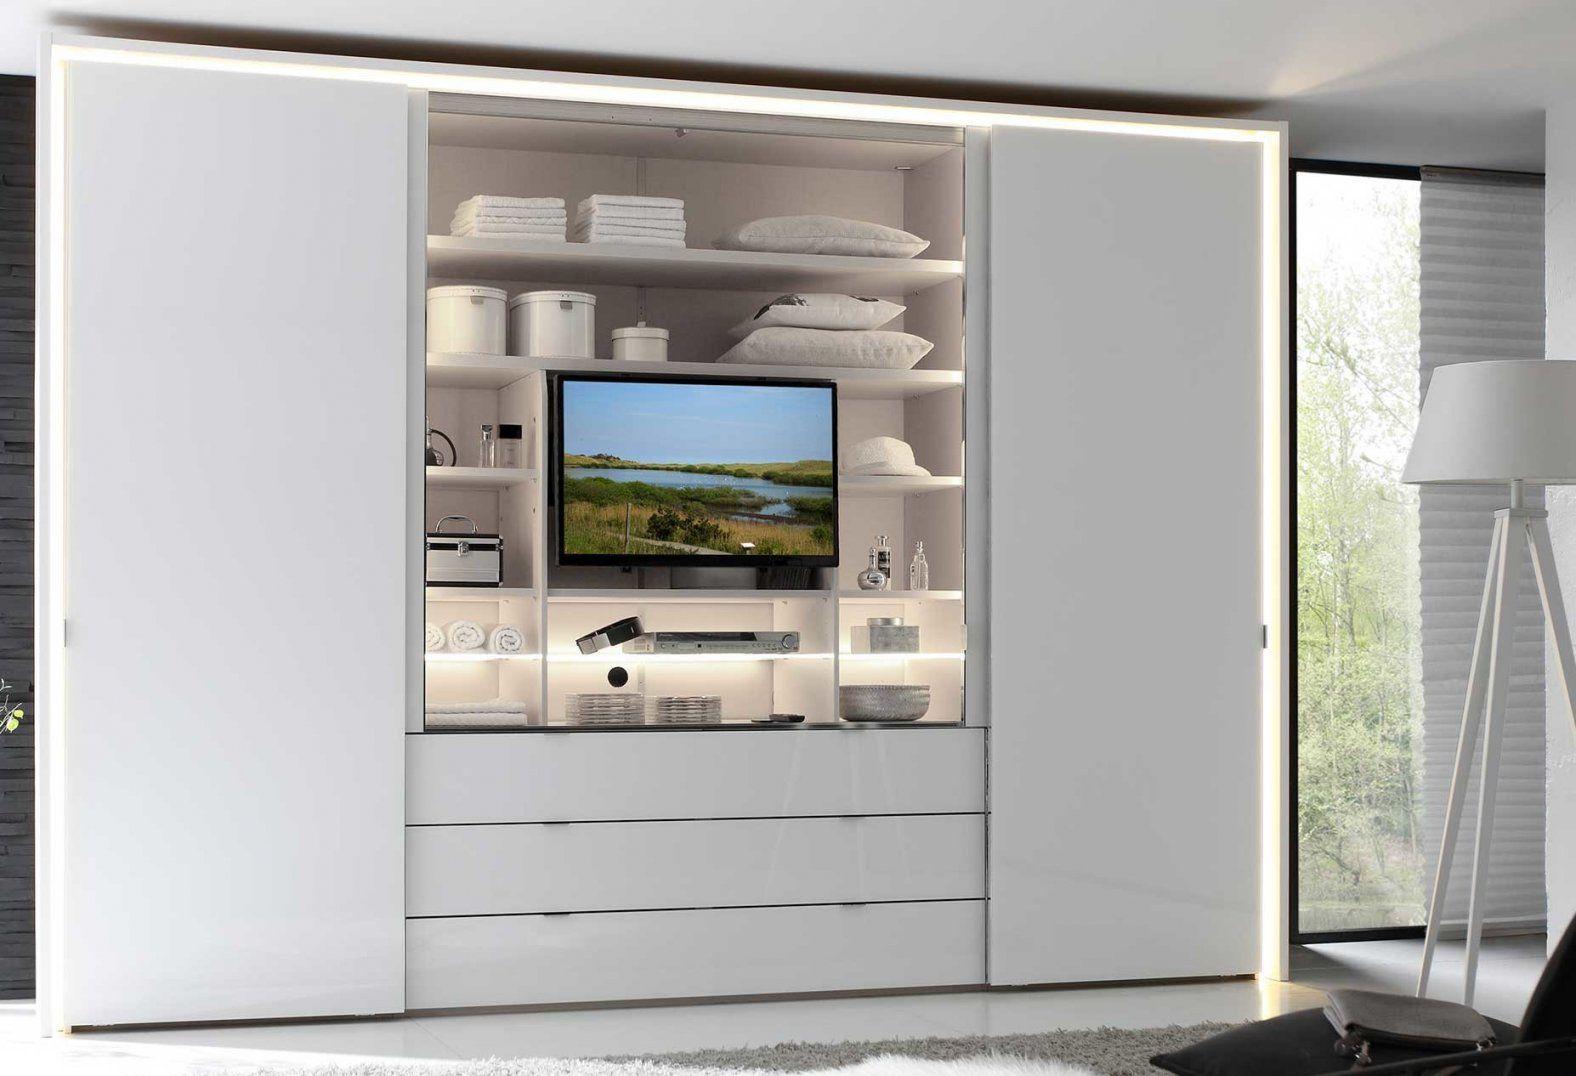 Schlafzimmerschrank Mit Tv Fach von Kleiderschrank Mit Tv Fach Photo